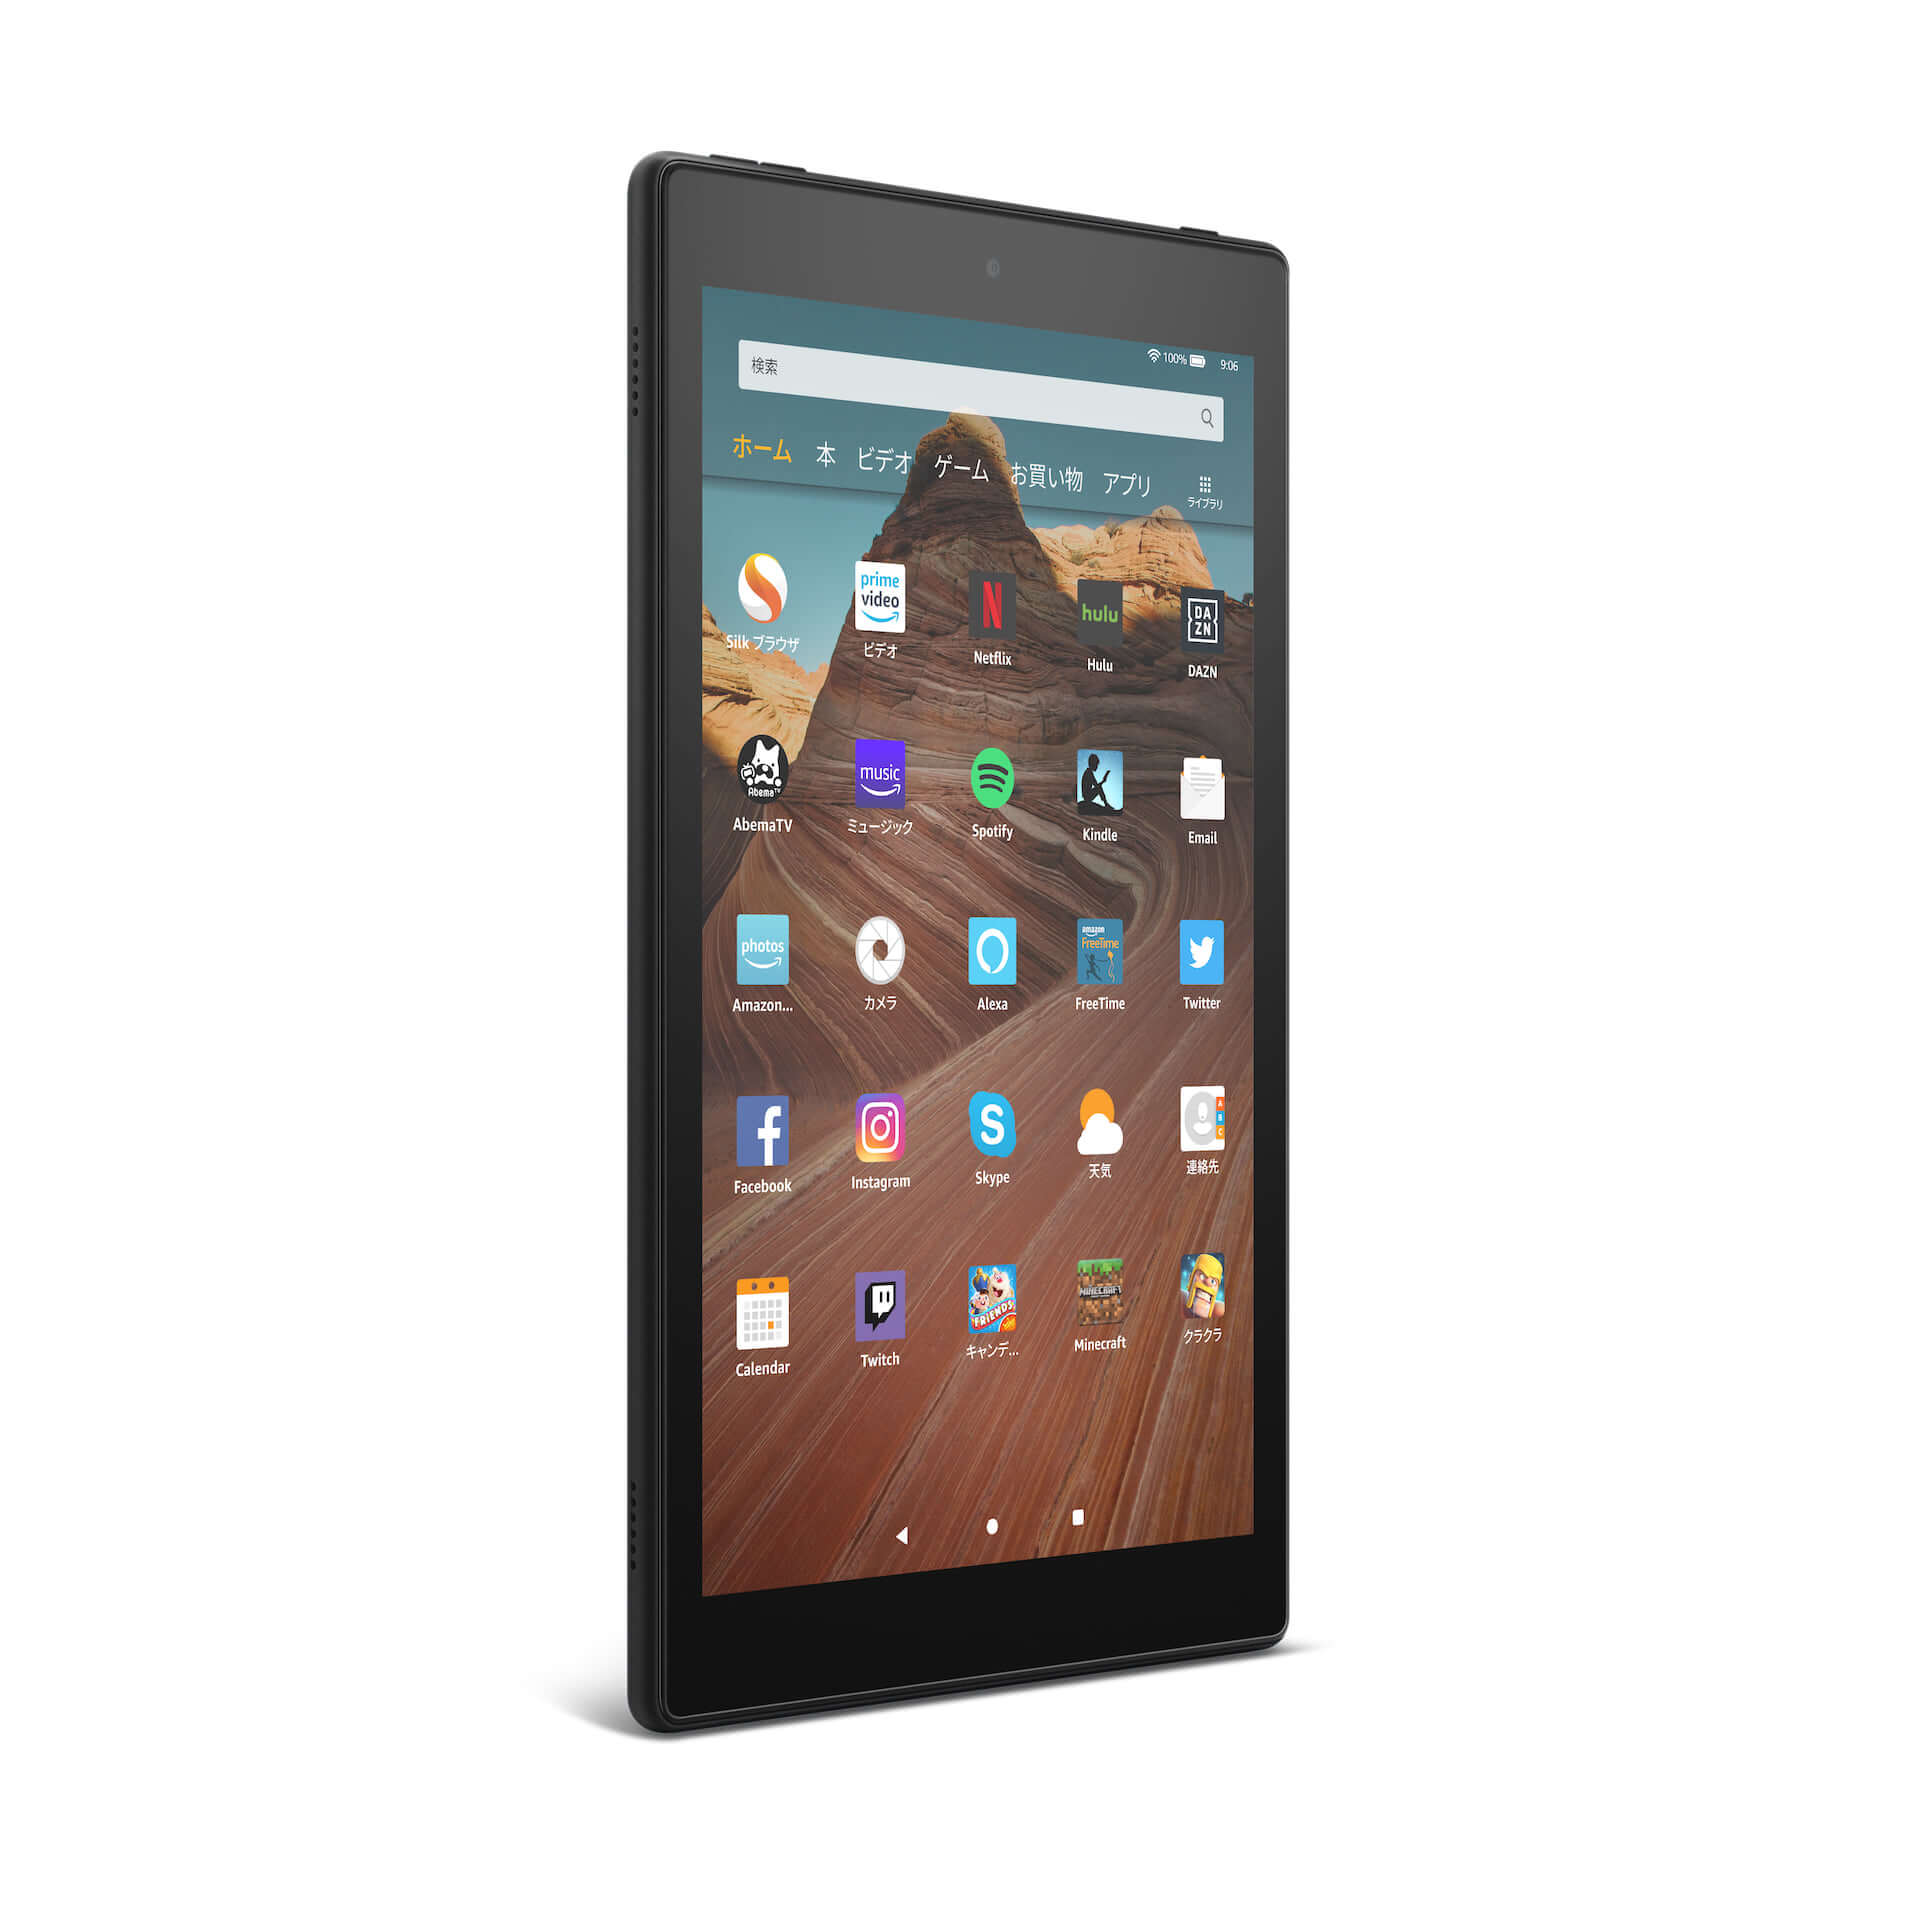 Amazon、大画面10.1インチ、USB Type-C搭載の「Fire HD 10 タブレット」が新登場! tech191008fire-hd-10_03-1920x1920